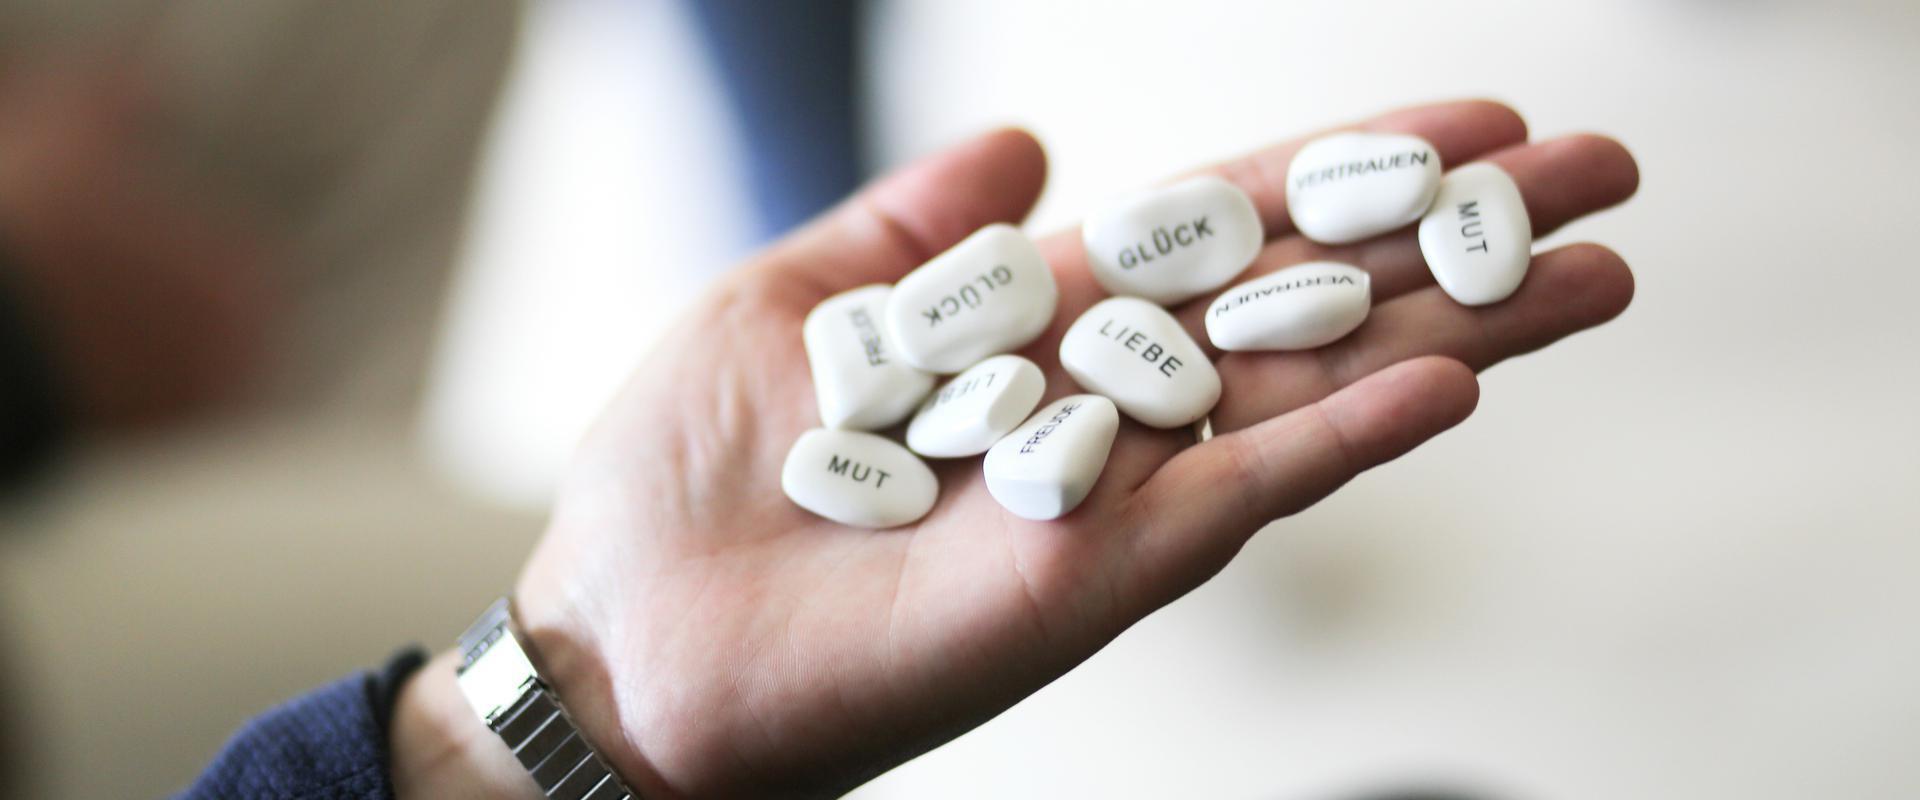 Pillen in der Hand in der AHG Klinik Waren von MEDIAN